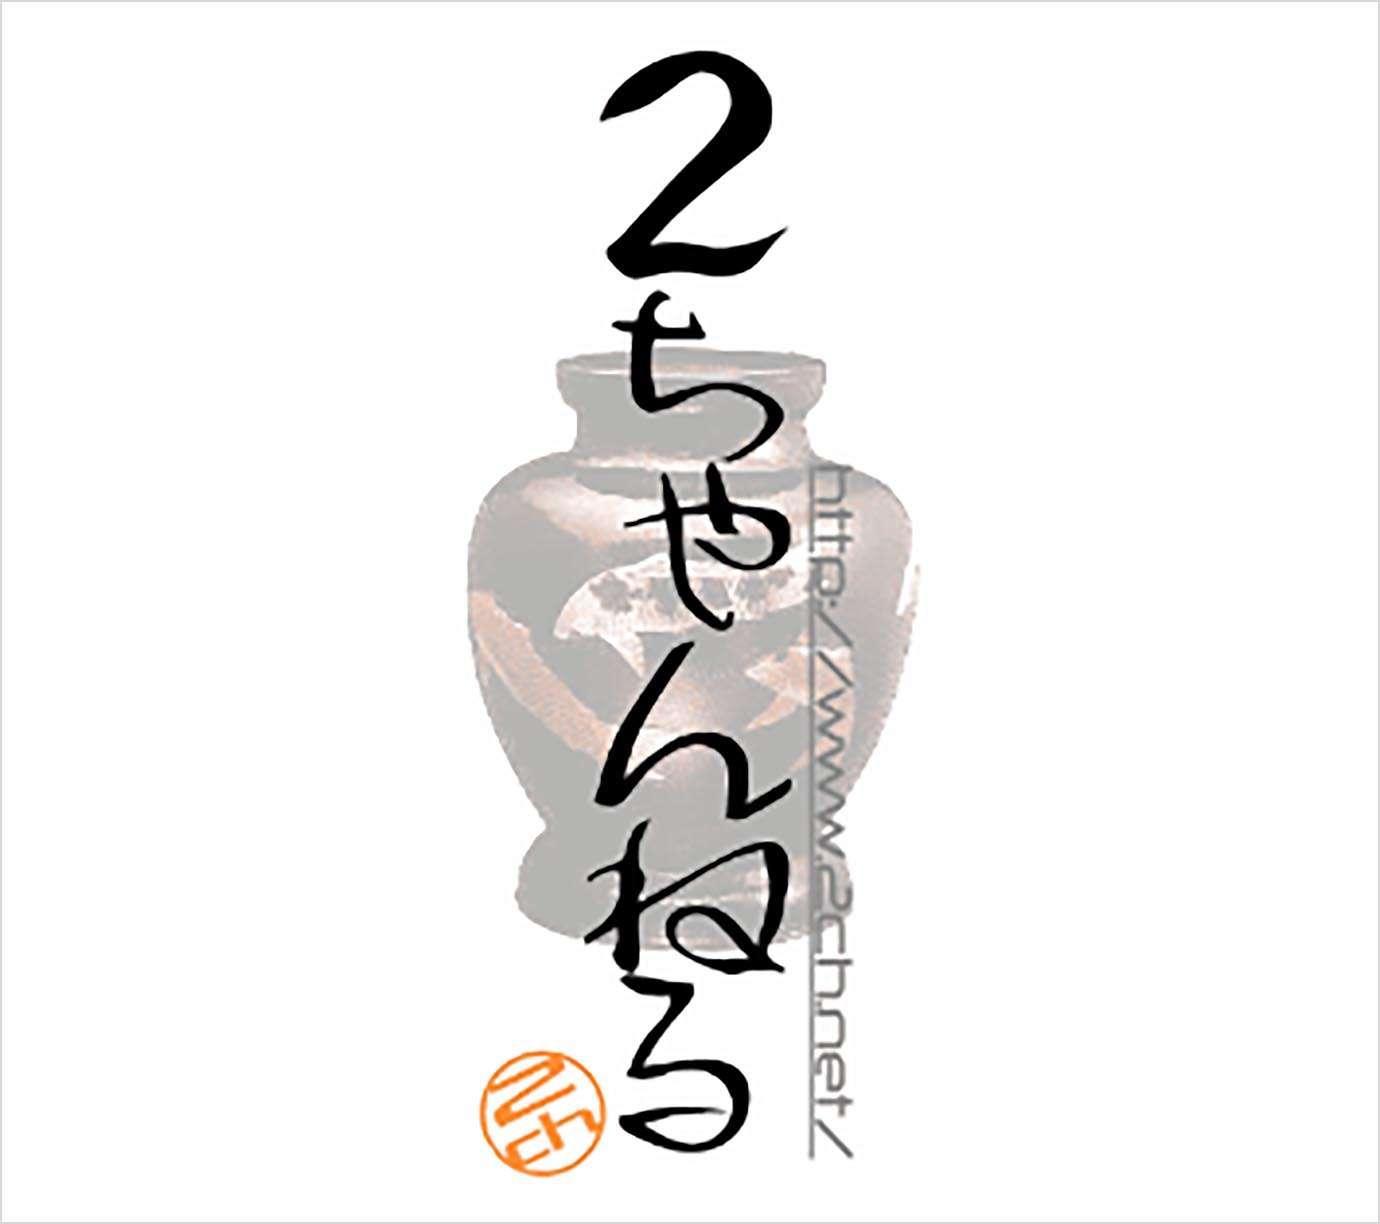 乗っ取られた「2ちゃんねる」が西村博之氏のもとに戻る / 東京地裁で原告・西村博之氏の全面勝訴